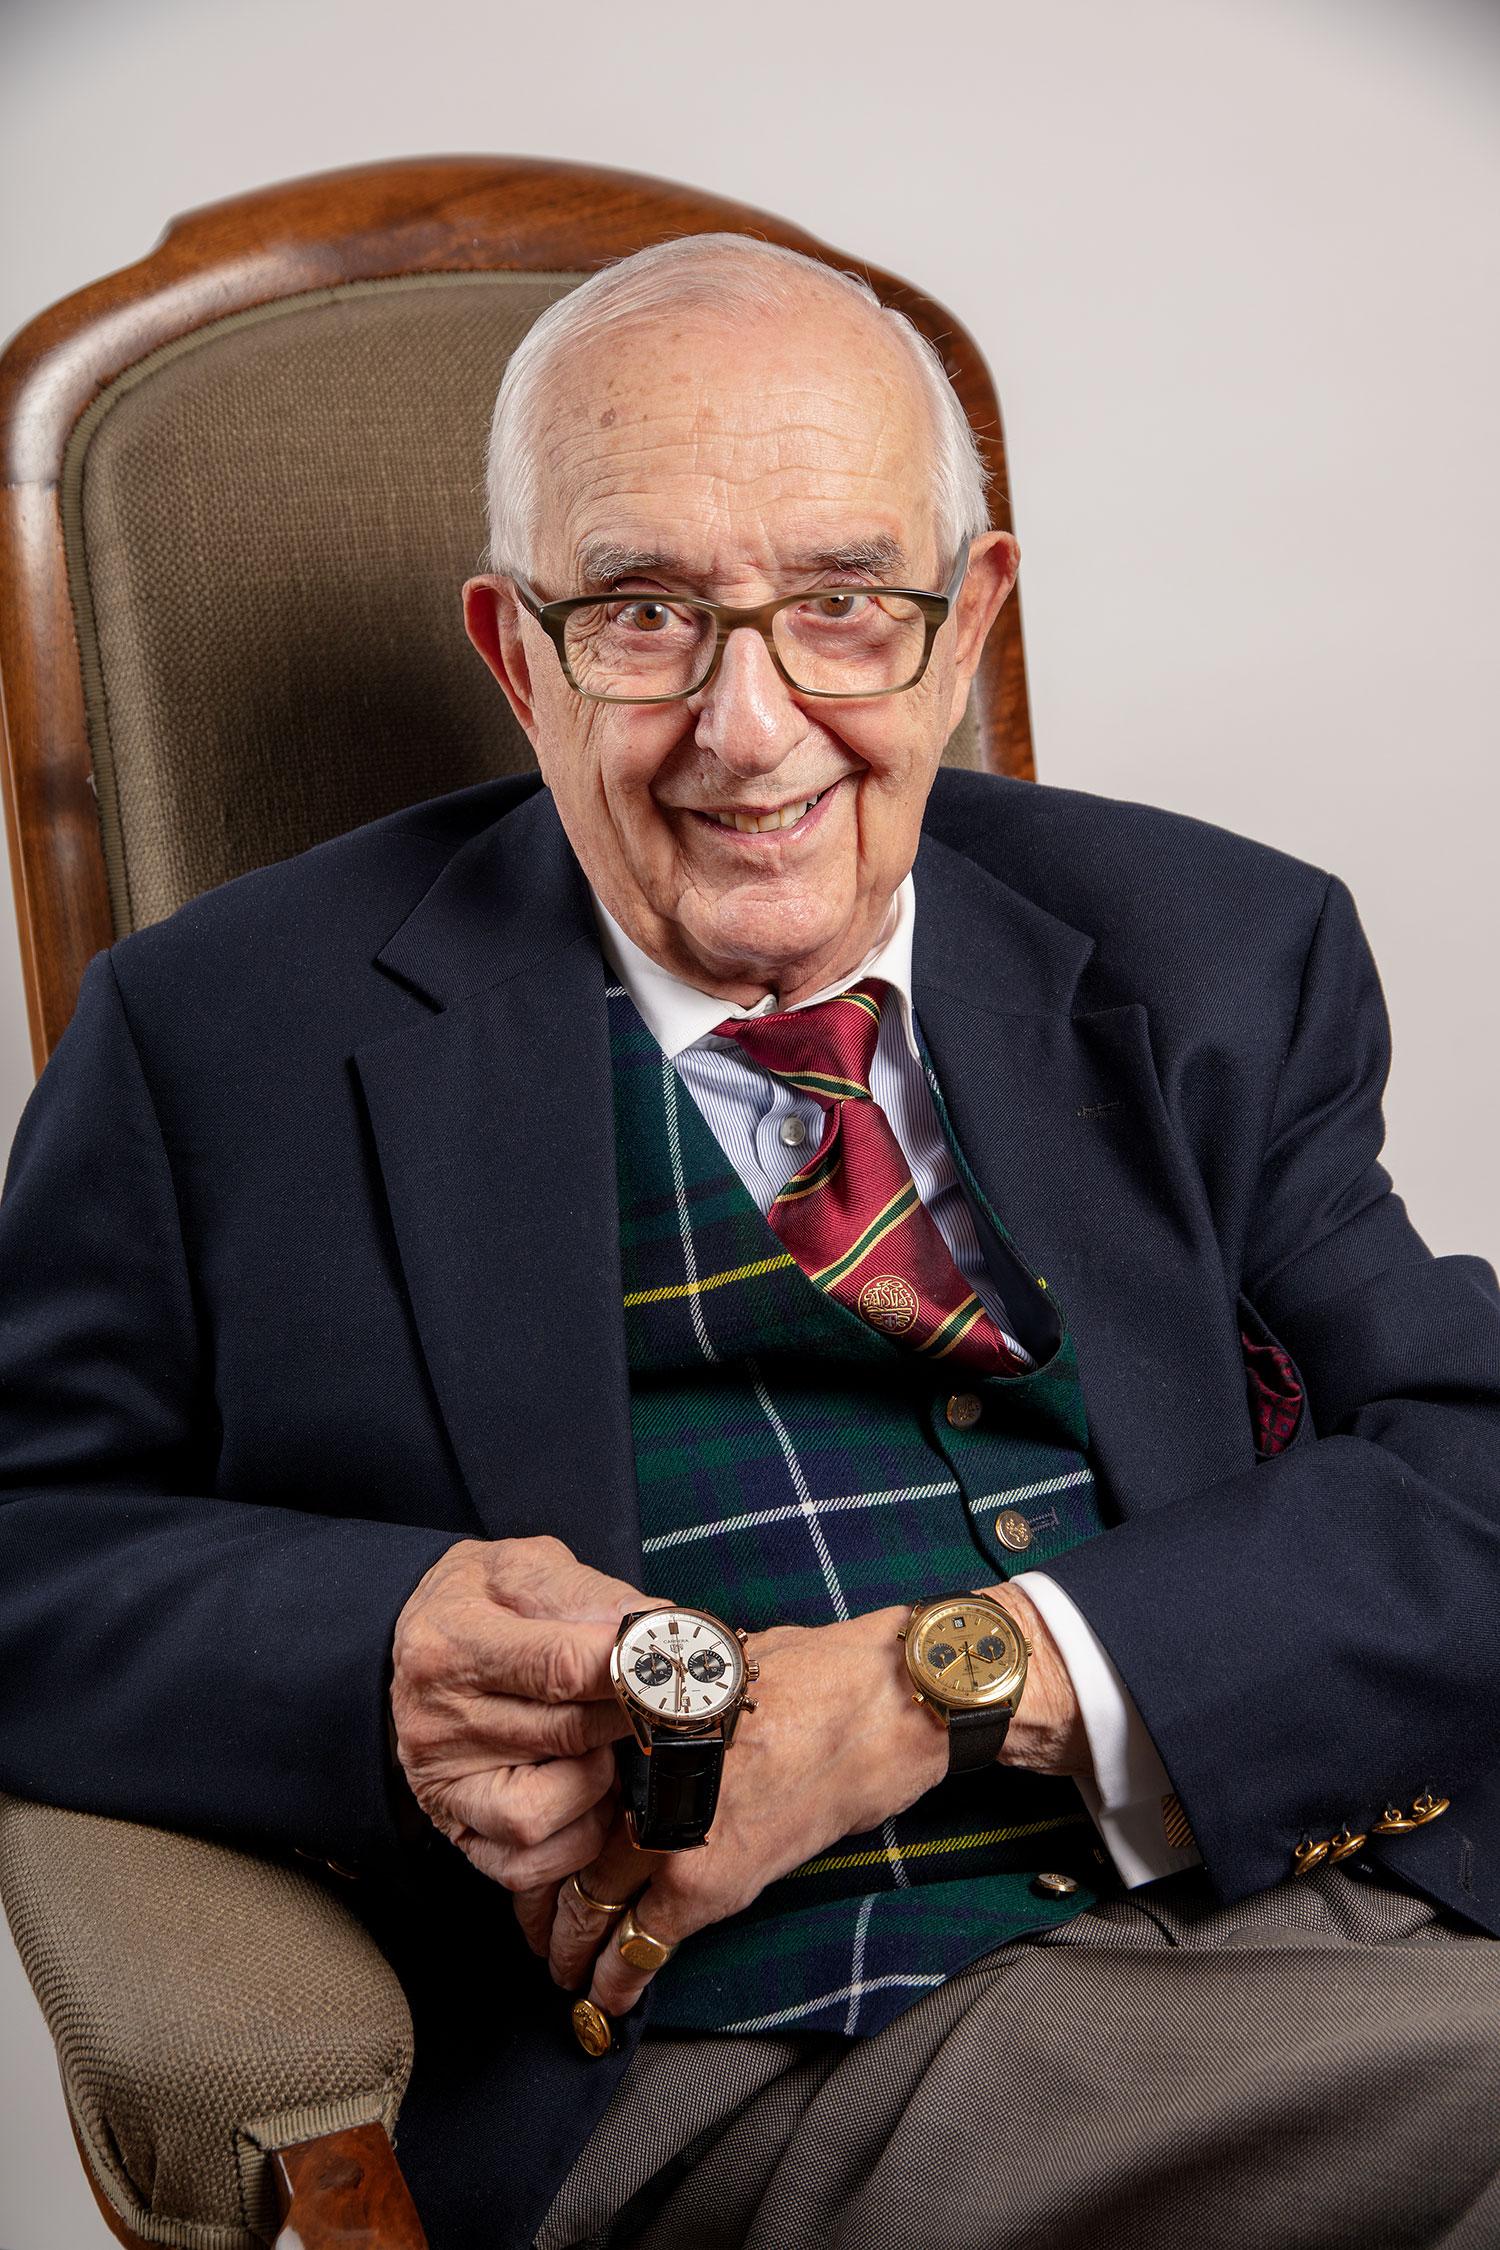 Jack Heuer mostrando el TAG Heuer Carrera Chronograph Jack Heuer Birthday Gold Limited Edition y llevando el Heuer Carrera 1158CHN